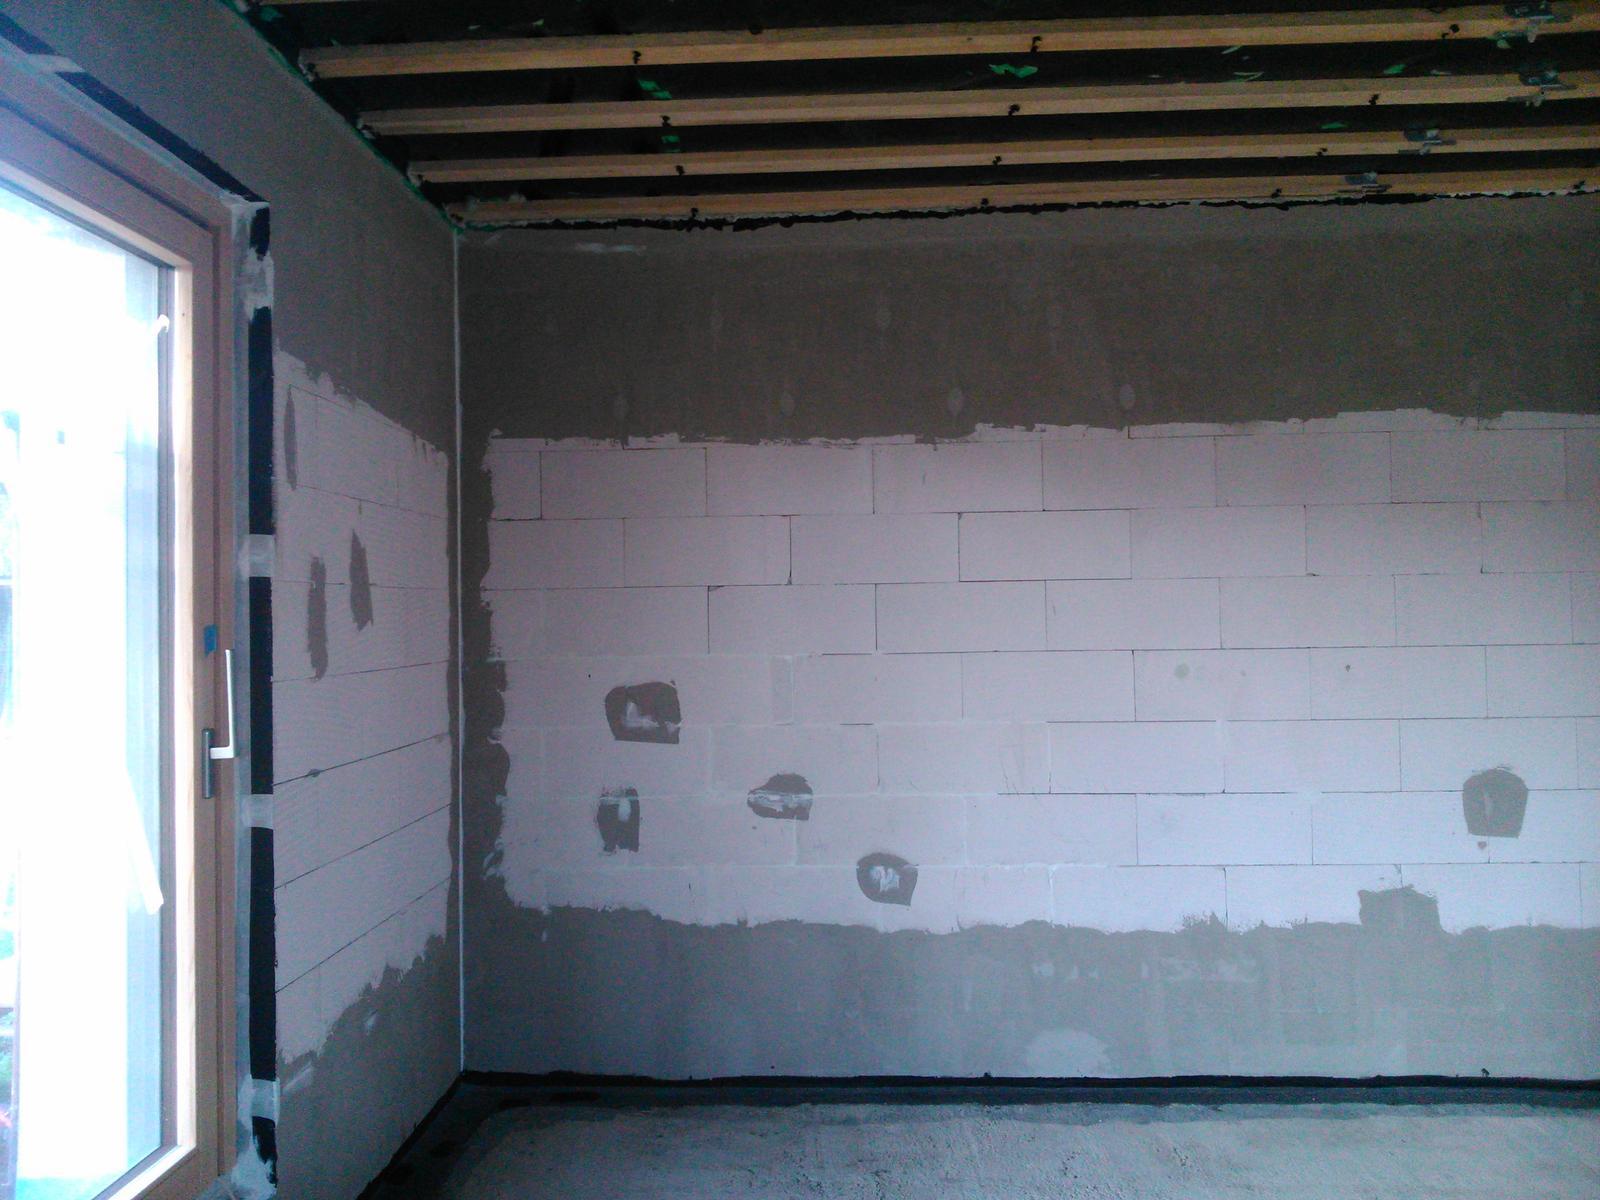 Domček pre moju rodinku :) - kapsy na ytongu som vypenil, zabrusil a 2x presiel lepidlom , tak isto spodny rad, zvysok len vyspravim akrylom a natriem fasadnou farbou